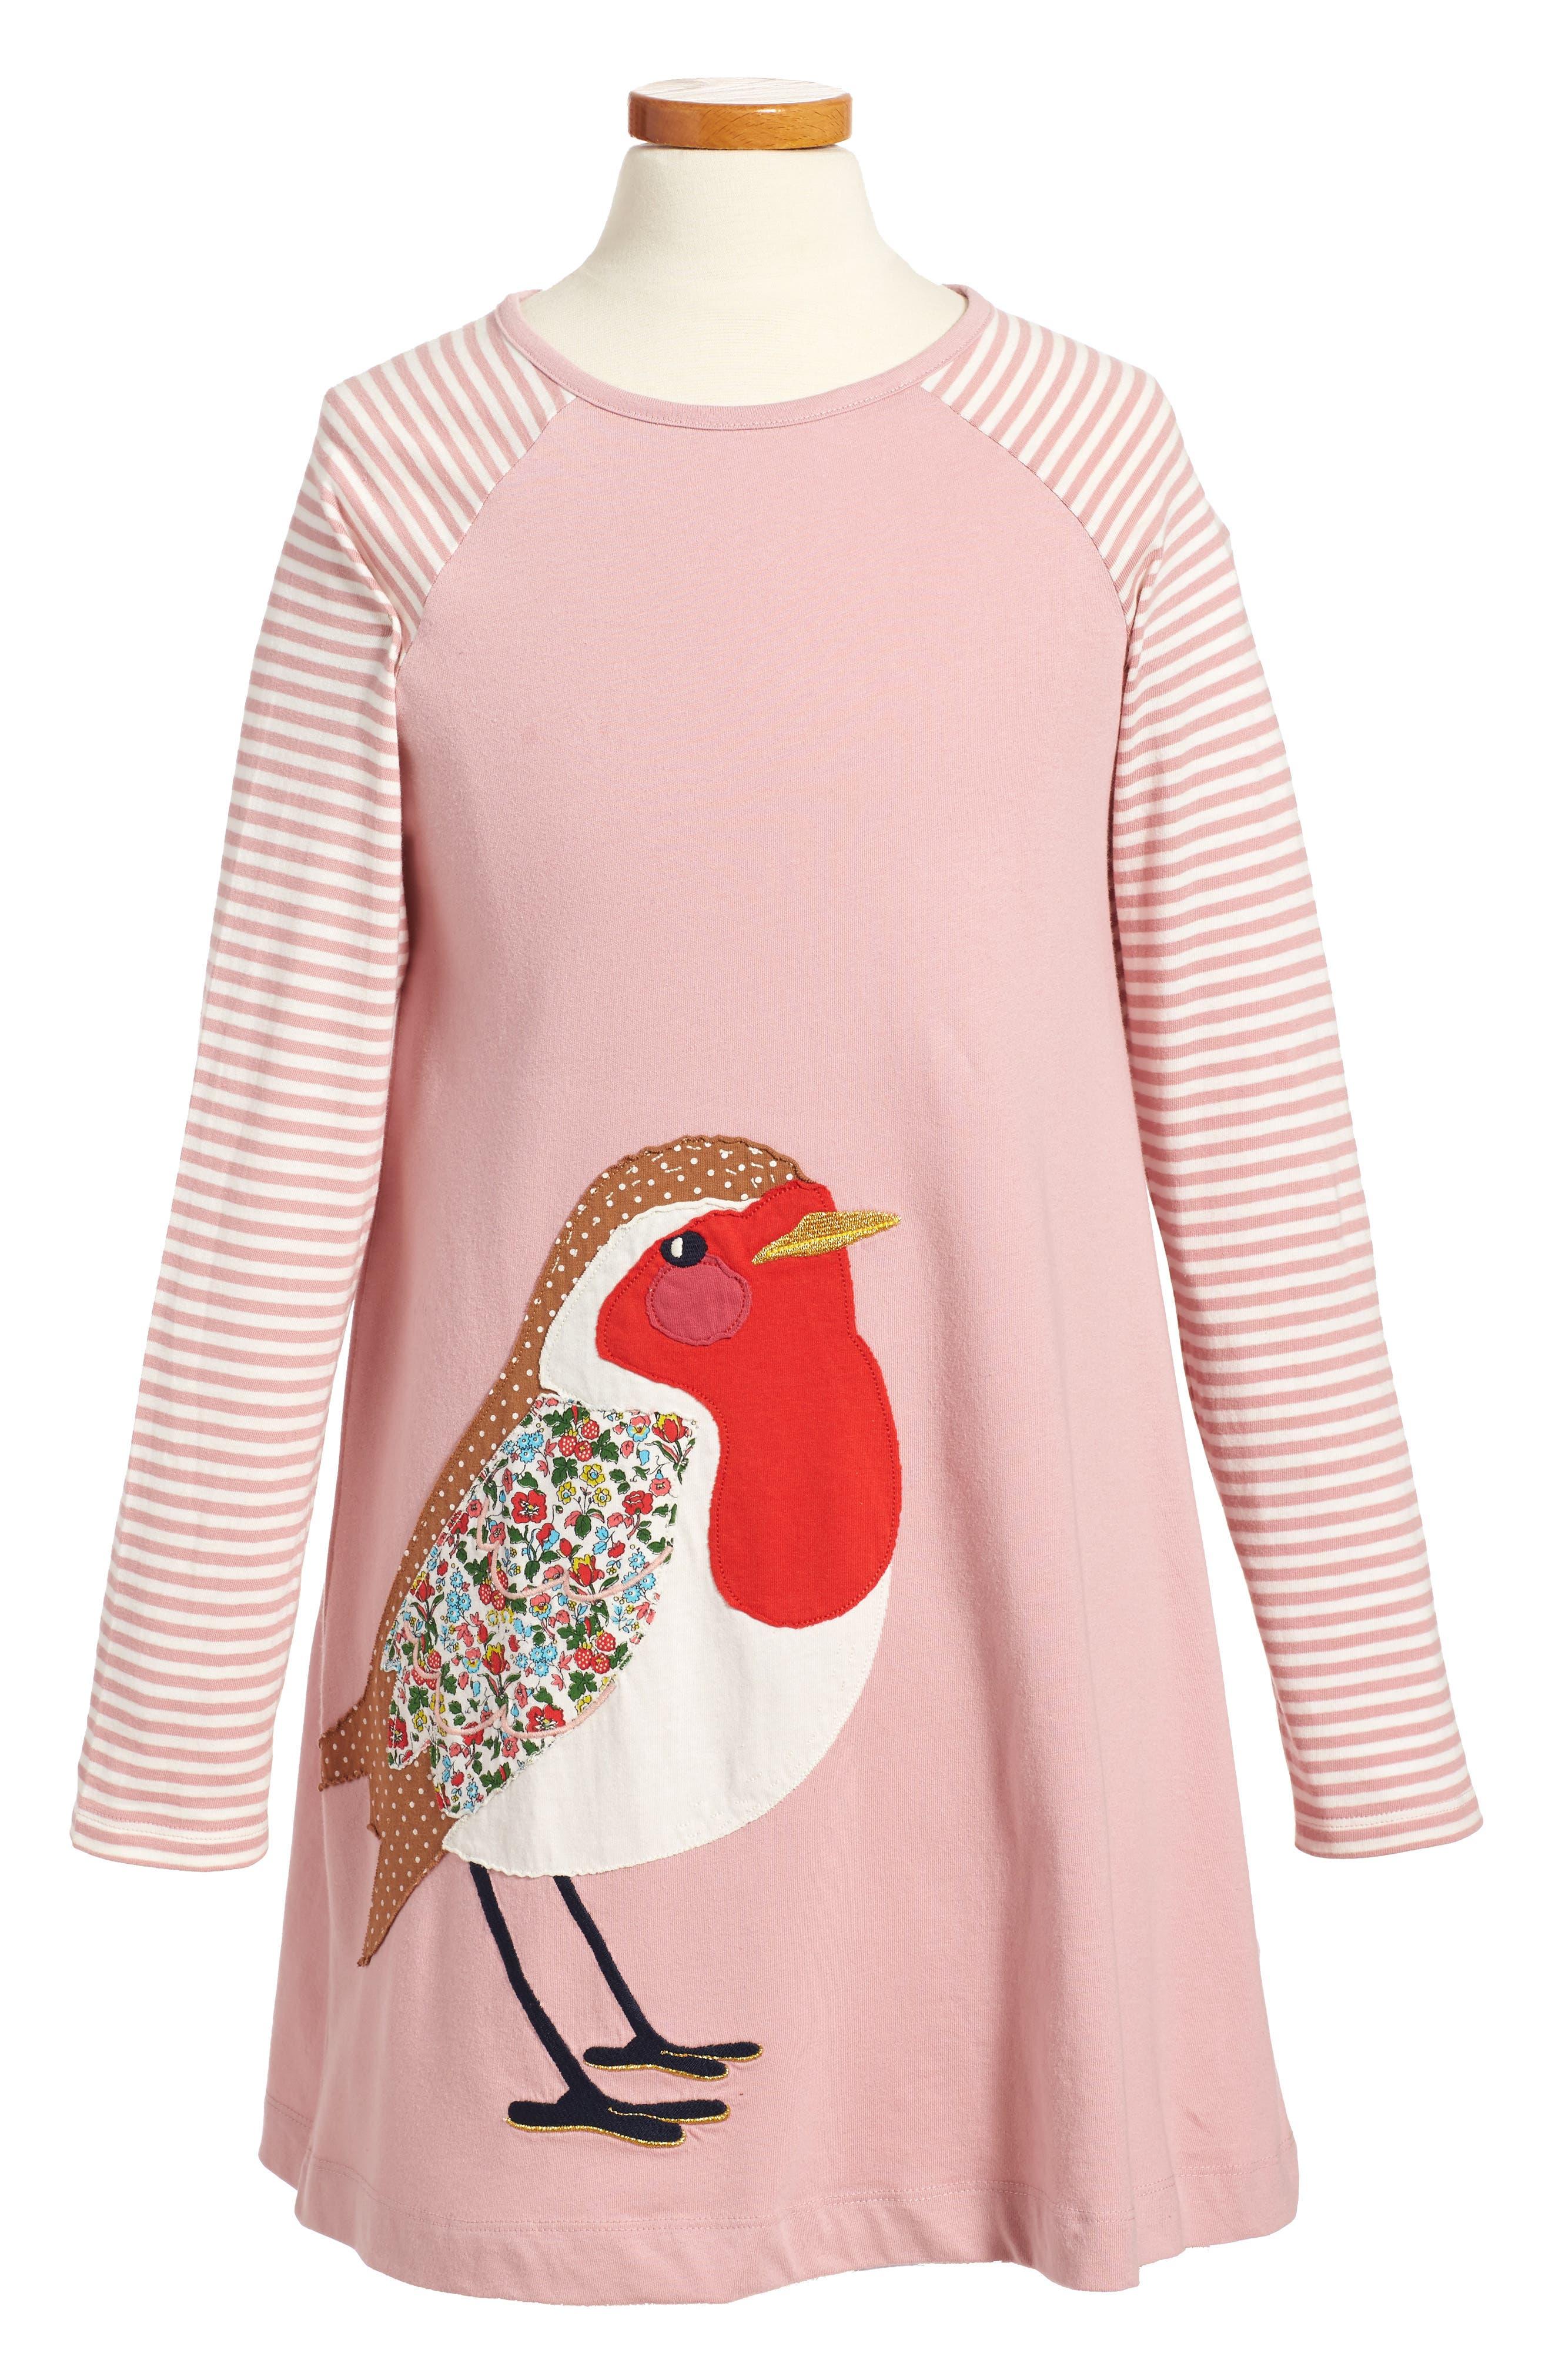 Main Image - Mini Boden Big Appliqué Jersey Dress (Toddler Girls, Little Girls & Big Girls)